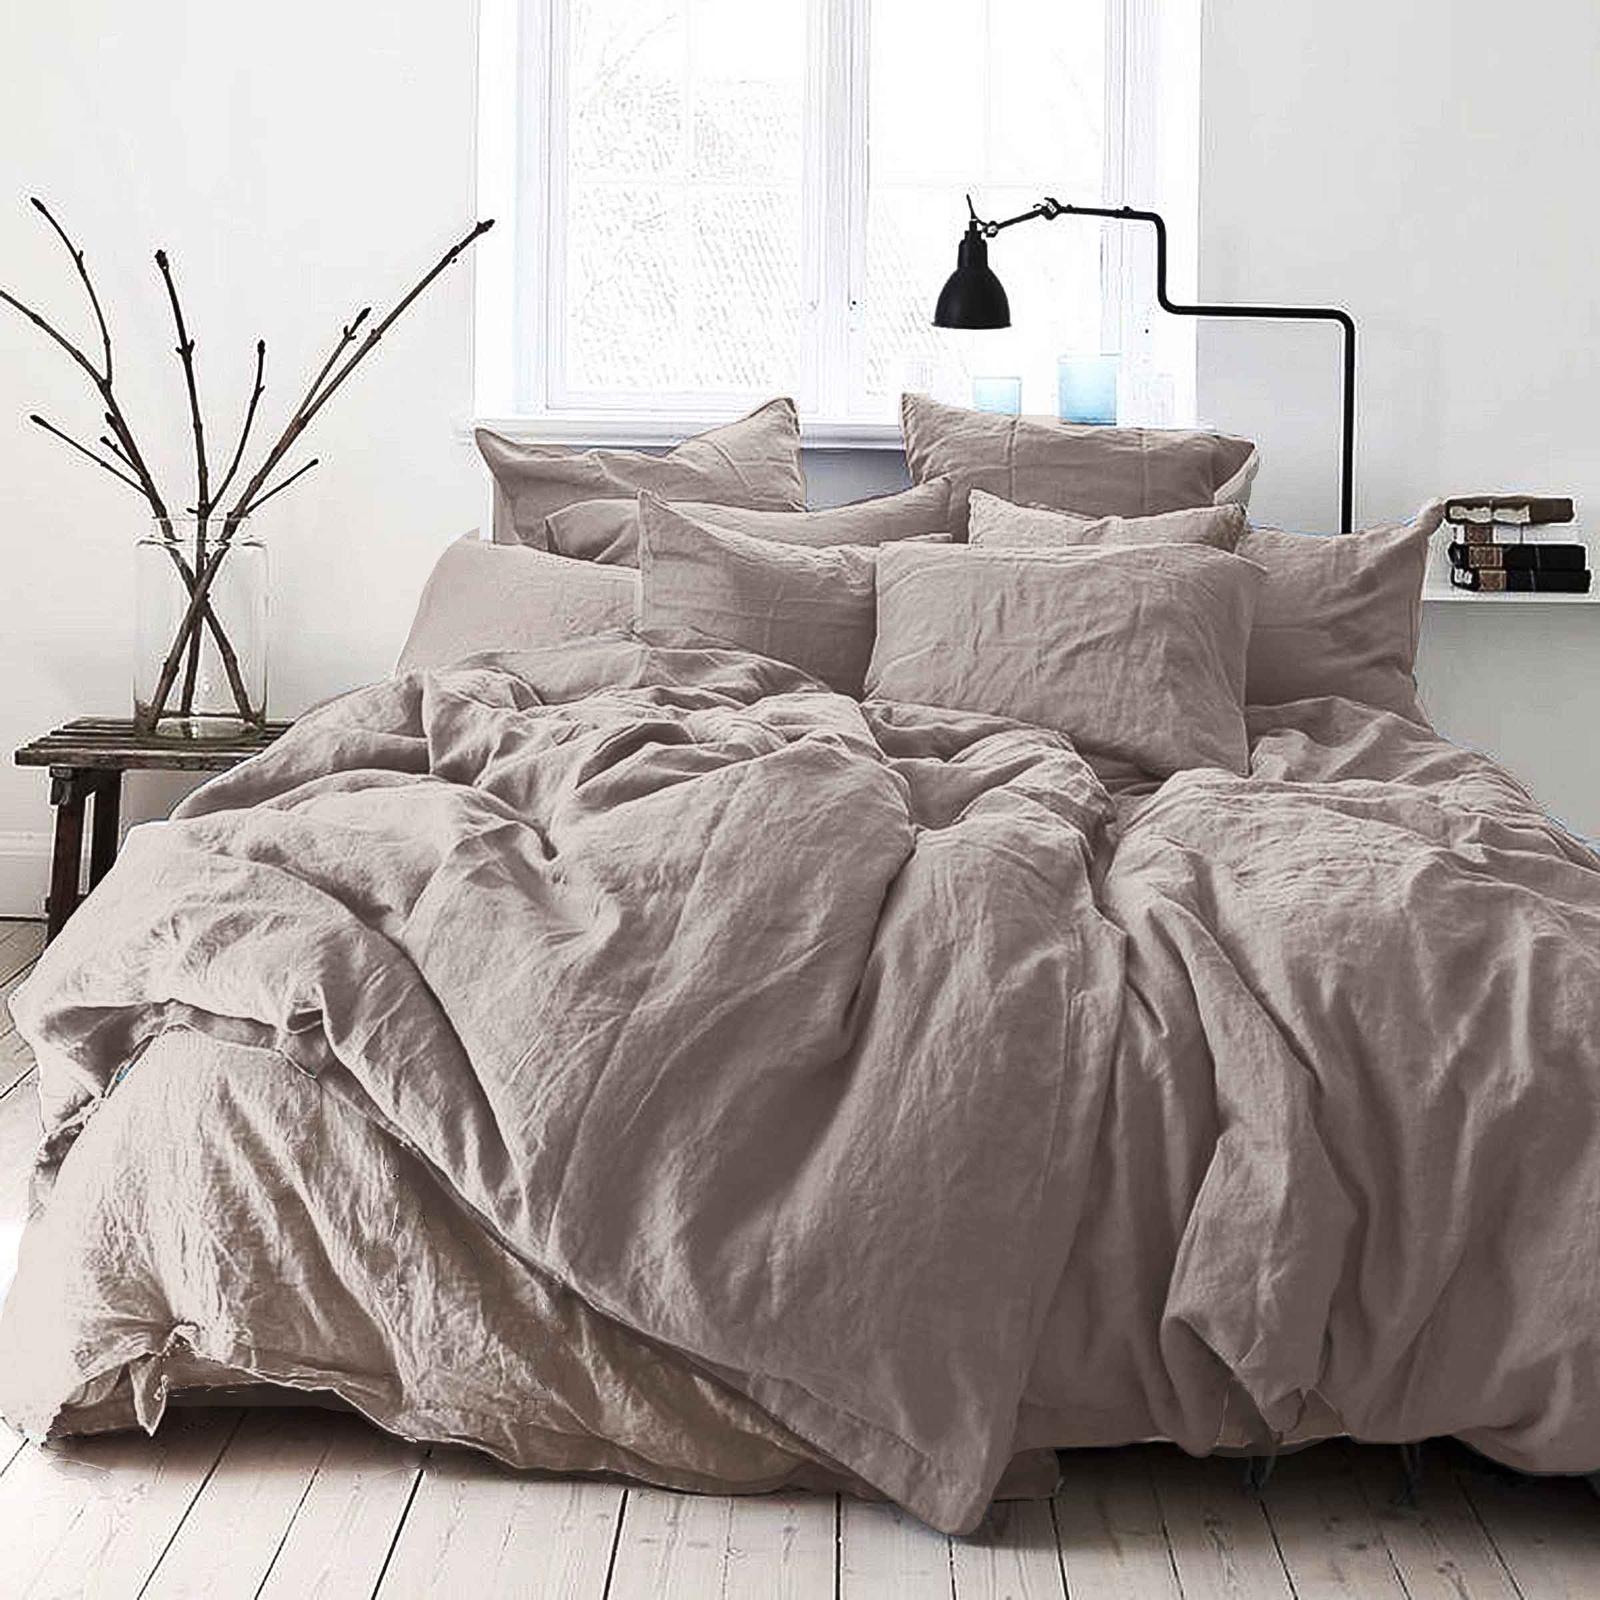 цена Комплект постельного белья Seta Лён De Lux Skyline Grey 01783302, евро, наволочки 50x50 см онлайн в 2017 году